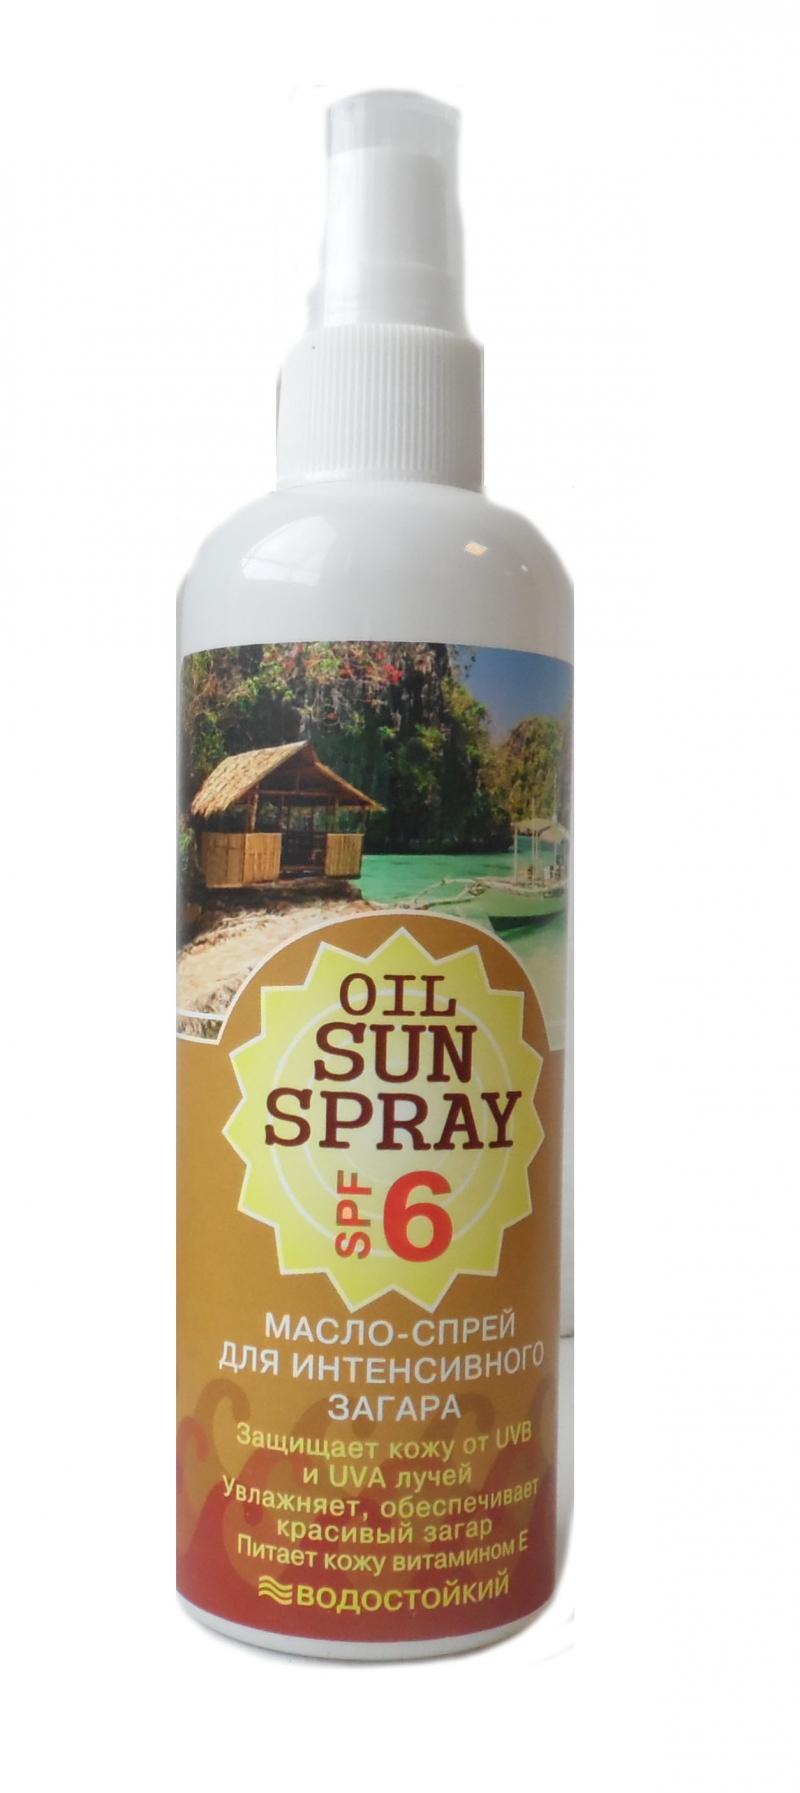 Вам оливковое масло для загара Врач функциональной